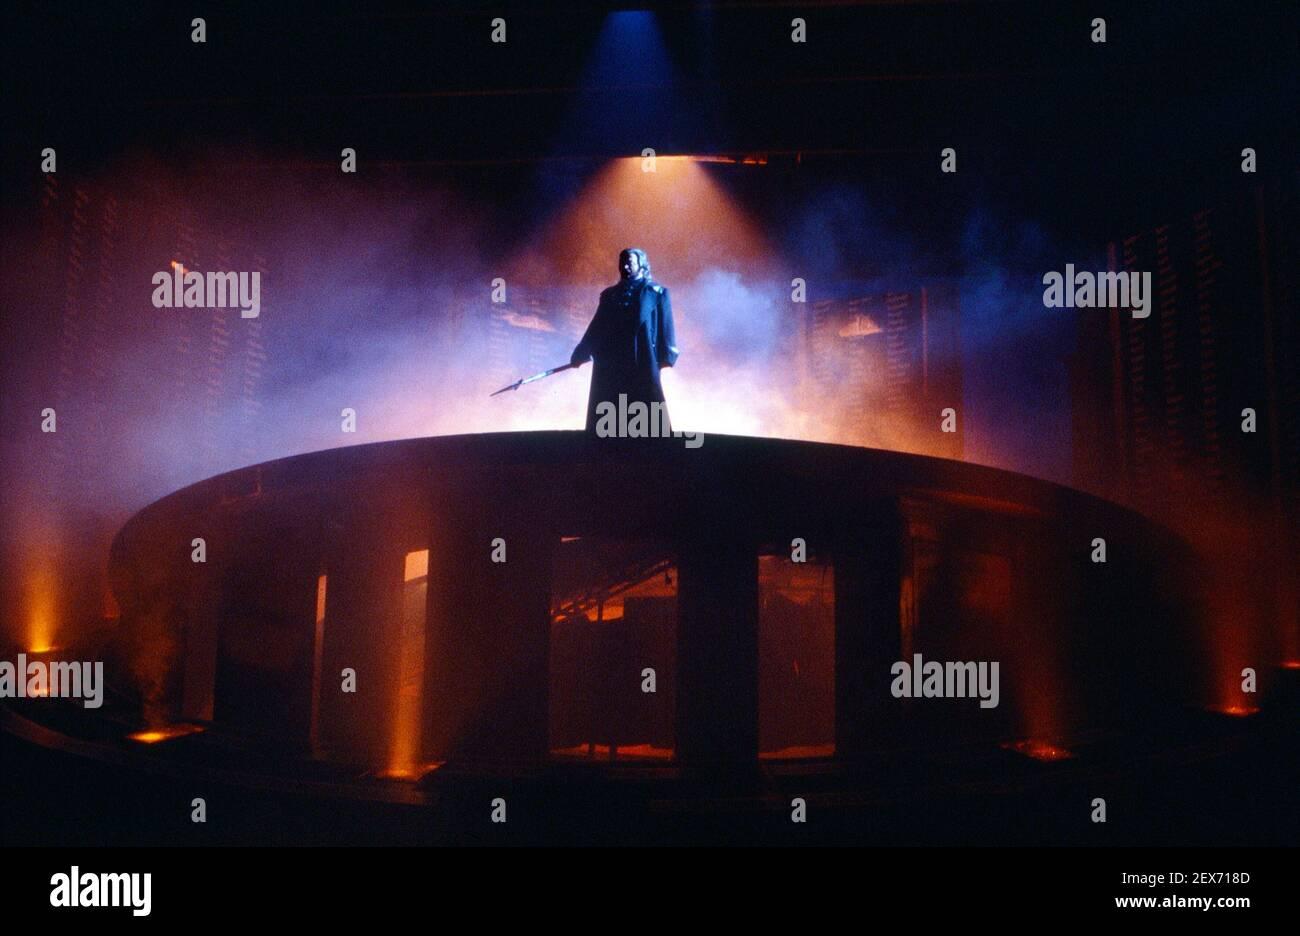 Fuoco di convocazione: Anthony Raffell (Wotan) nella VALKYRIE di Wagner alla English National Opera (ENO), London Coliseum 22/10/1983 direttore: Mark Elder design: Maria Bjornson regista: David Pountney Foto Stock